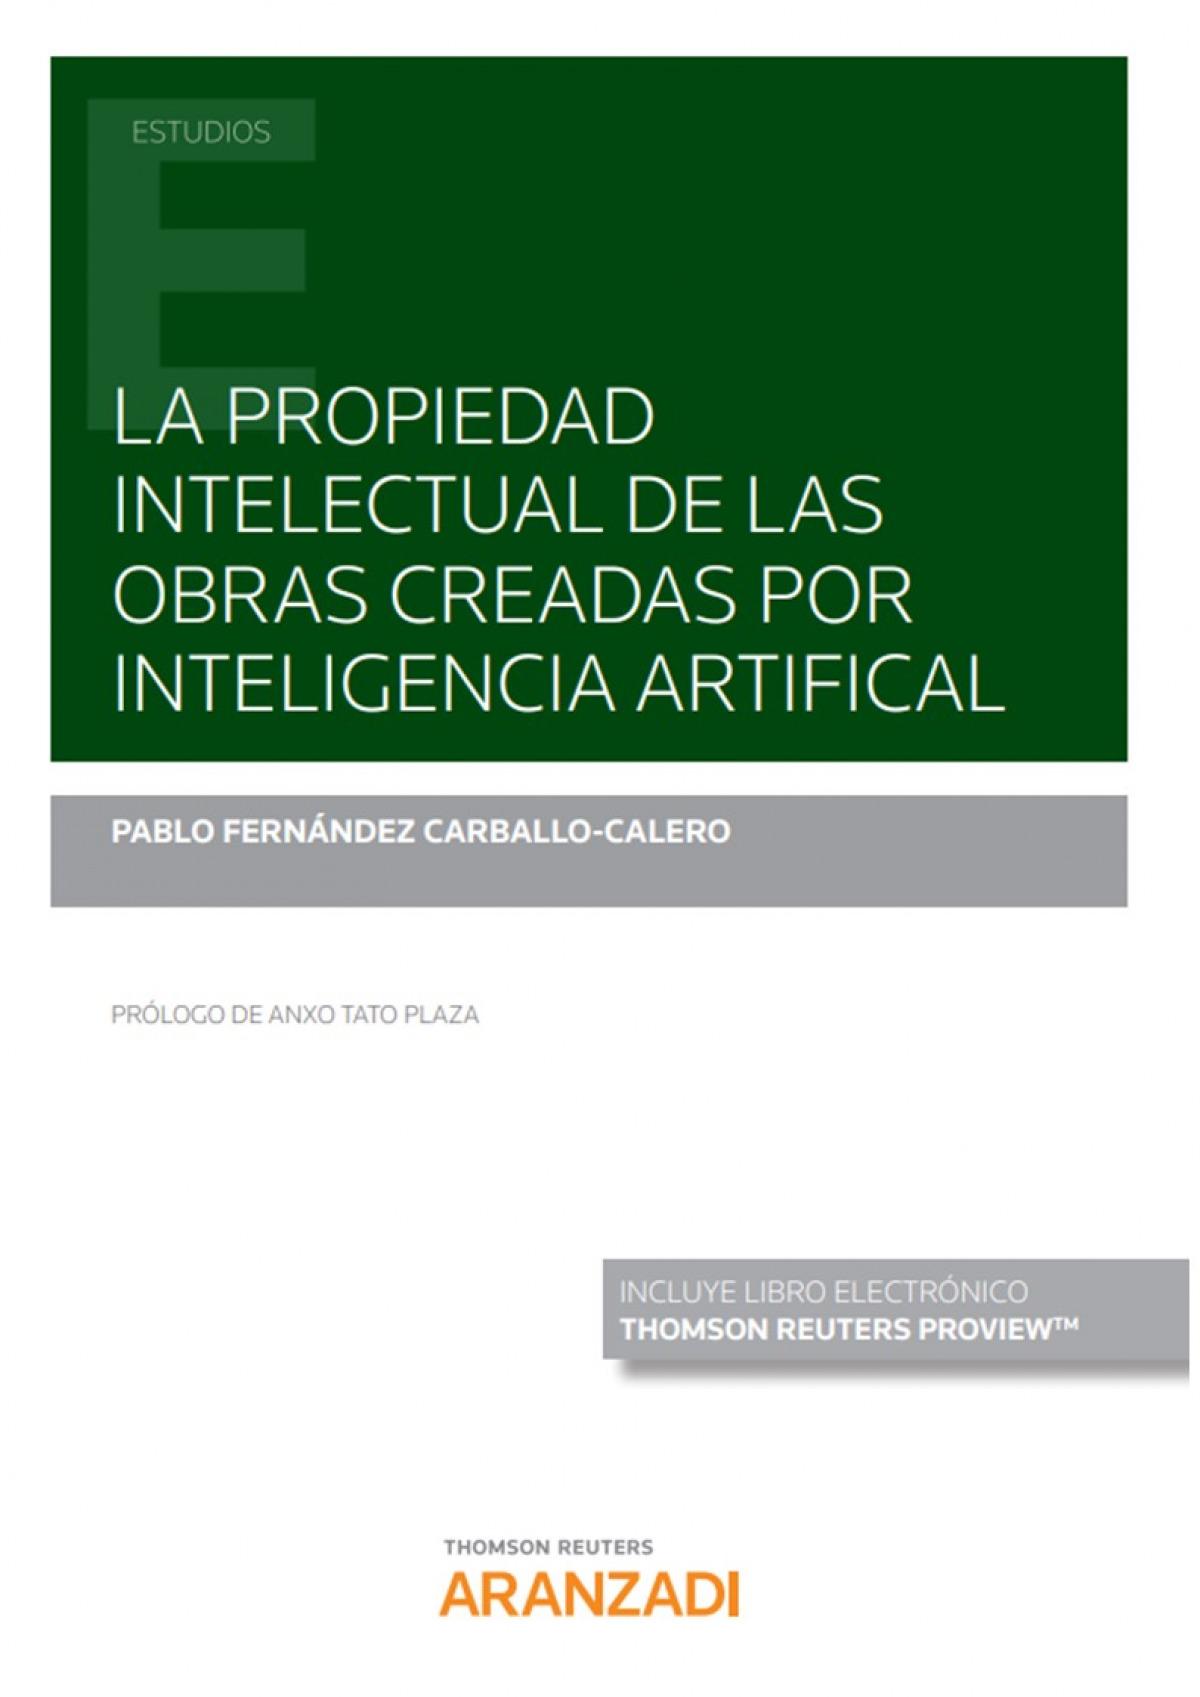 PROPIEDAD INTELECTUAL DE OBRAS CREADAS INTELIGENCIA ARTIFIC